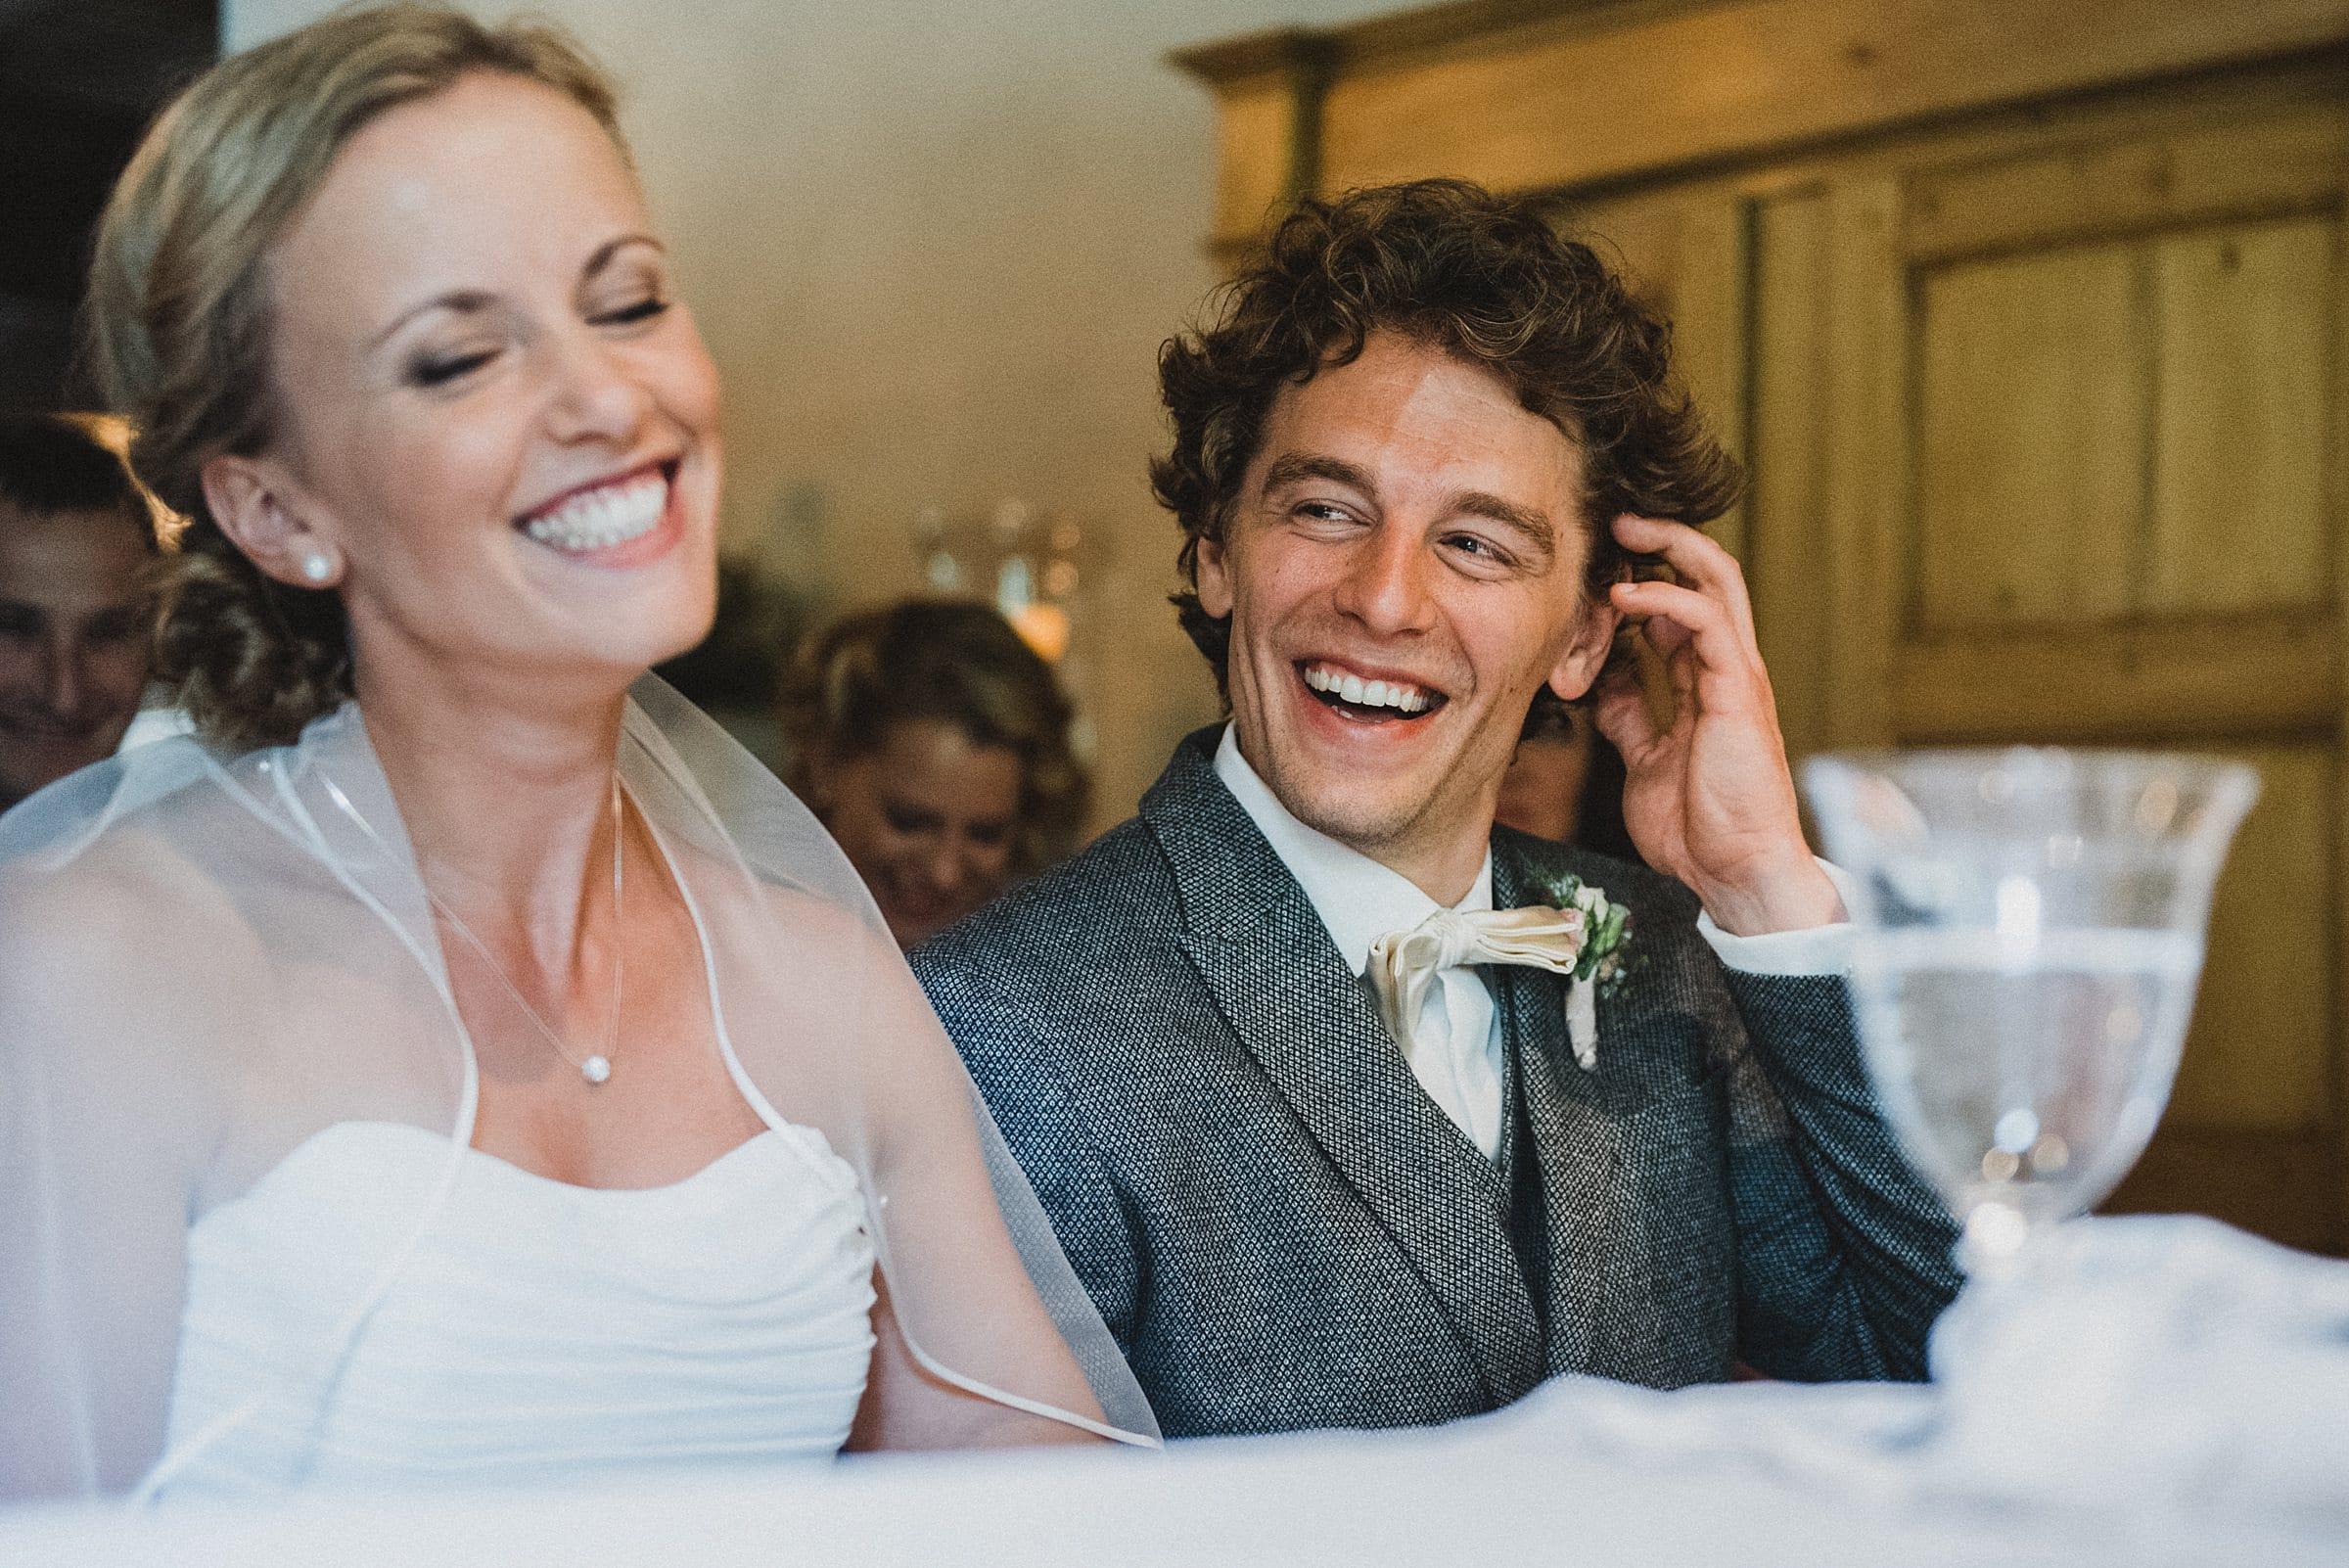 Hochzeitsfotografie-Frau-Siemers-Hof Weihe-freie Trauung-Brautpaar lacht